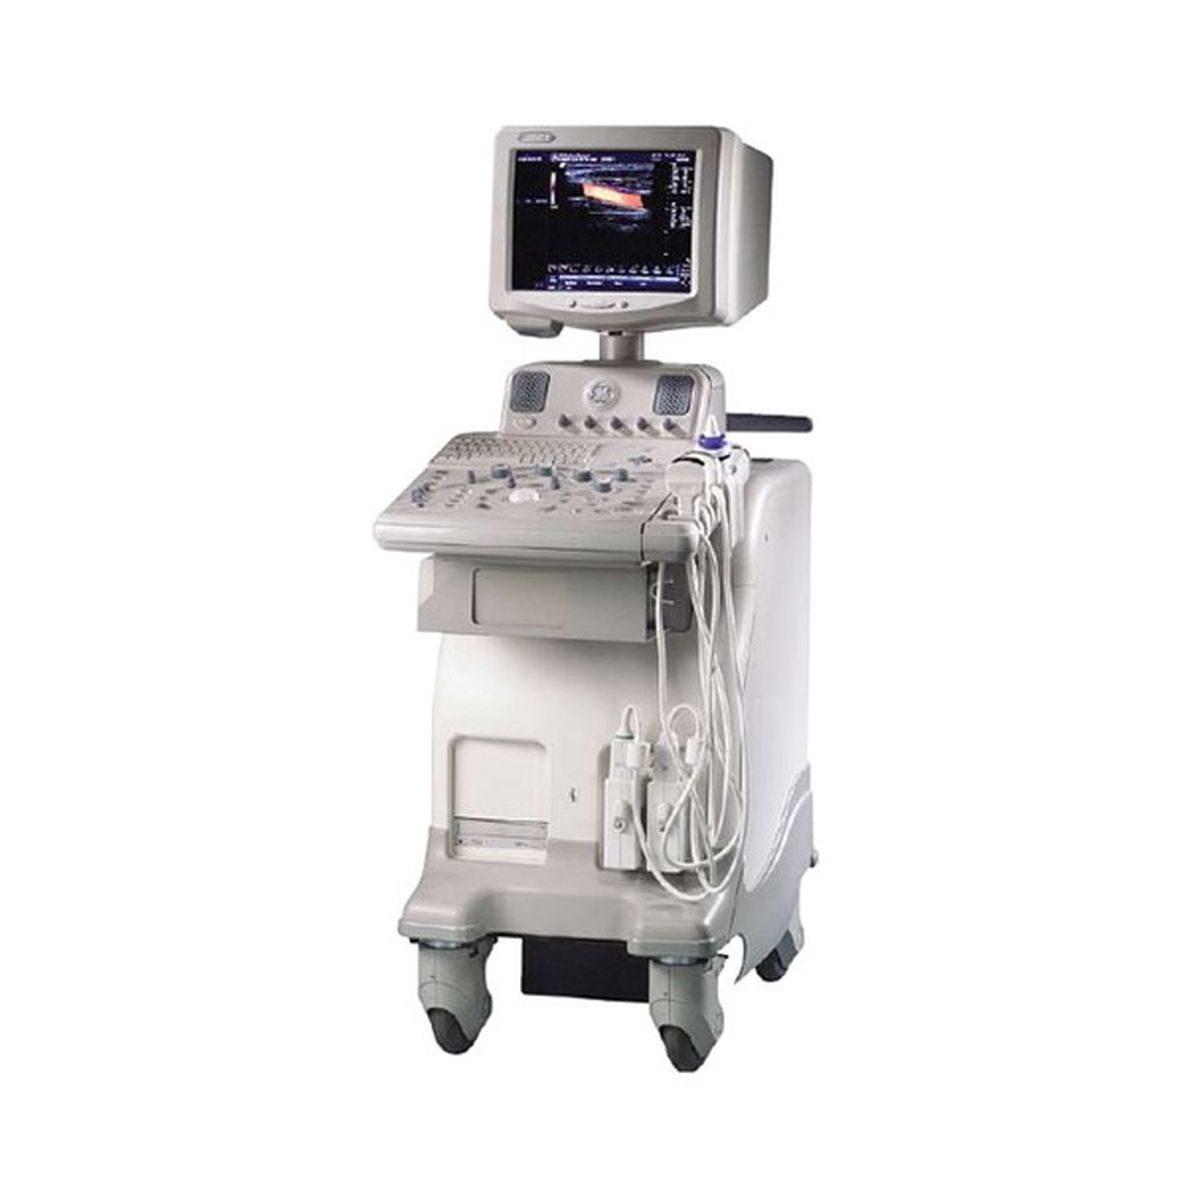 Ультразвуковой сканер Logiq 3 Pro